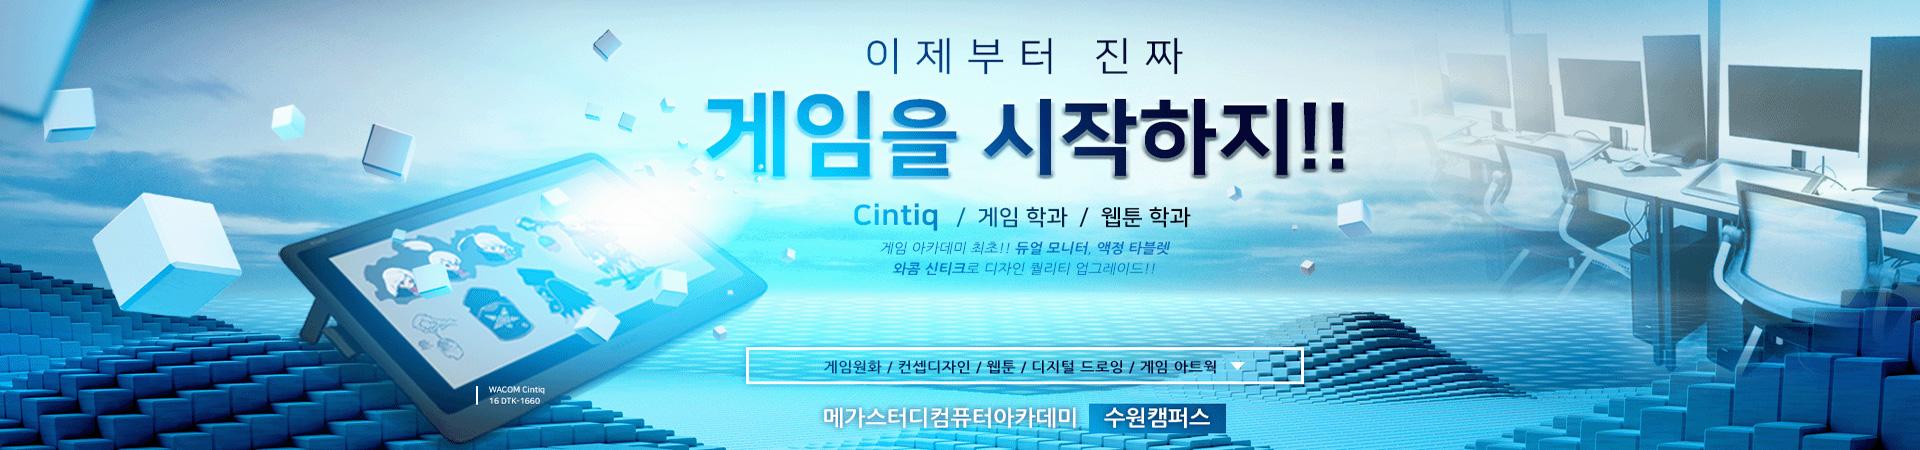 게임배너_수원캠퍼스